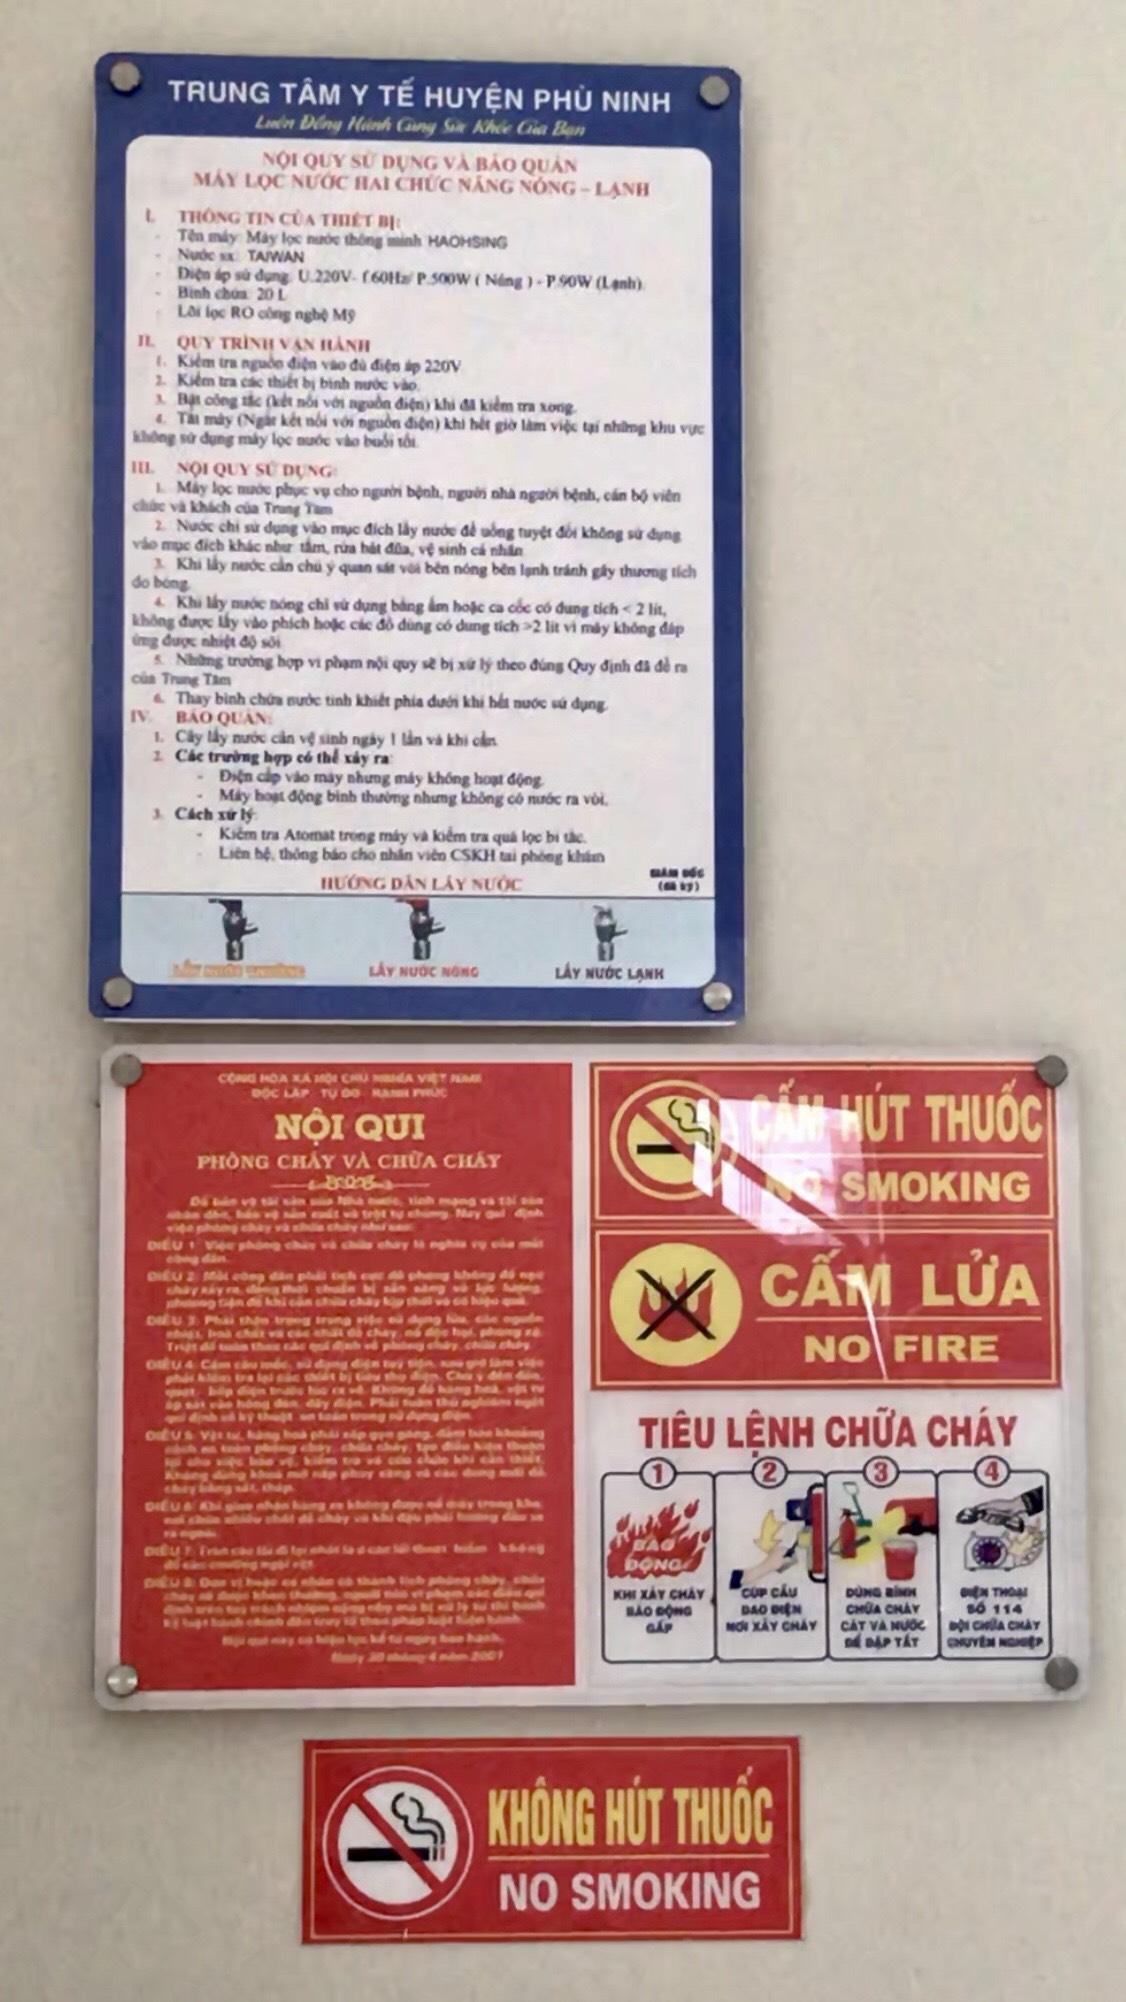 Trung tâm y tế huyện Phù Ninh: Đẩy mạnh việc giám sát phòng cháy, chữa cháy tại cơ sở  - Ảnh 2